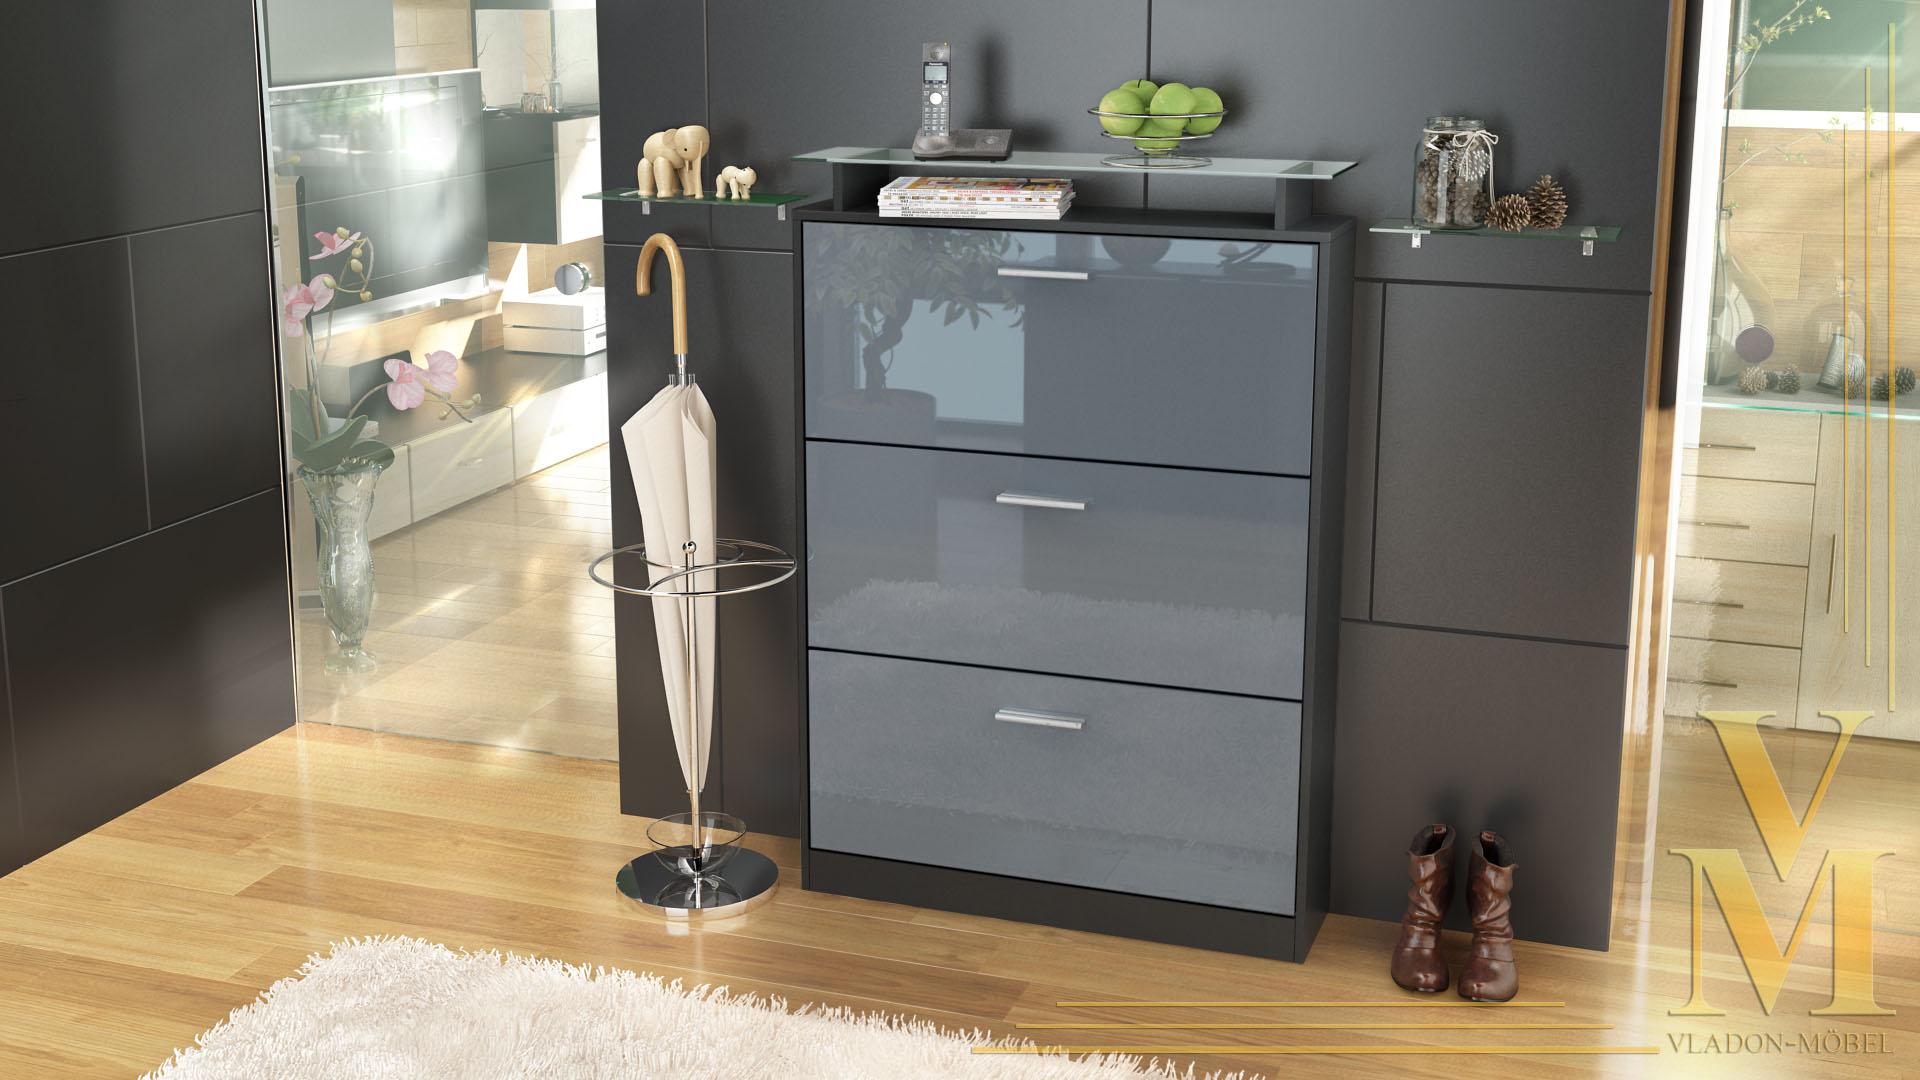 schuhschrank schuhkipper diele flur schrank lavia schwarz hochglanz naturt ne ebay. Black Bedroom Furniture Sets. Home Design Ideas